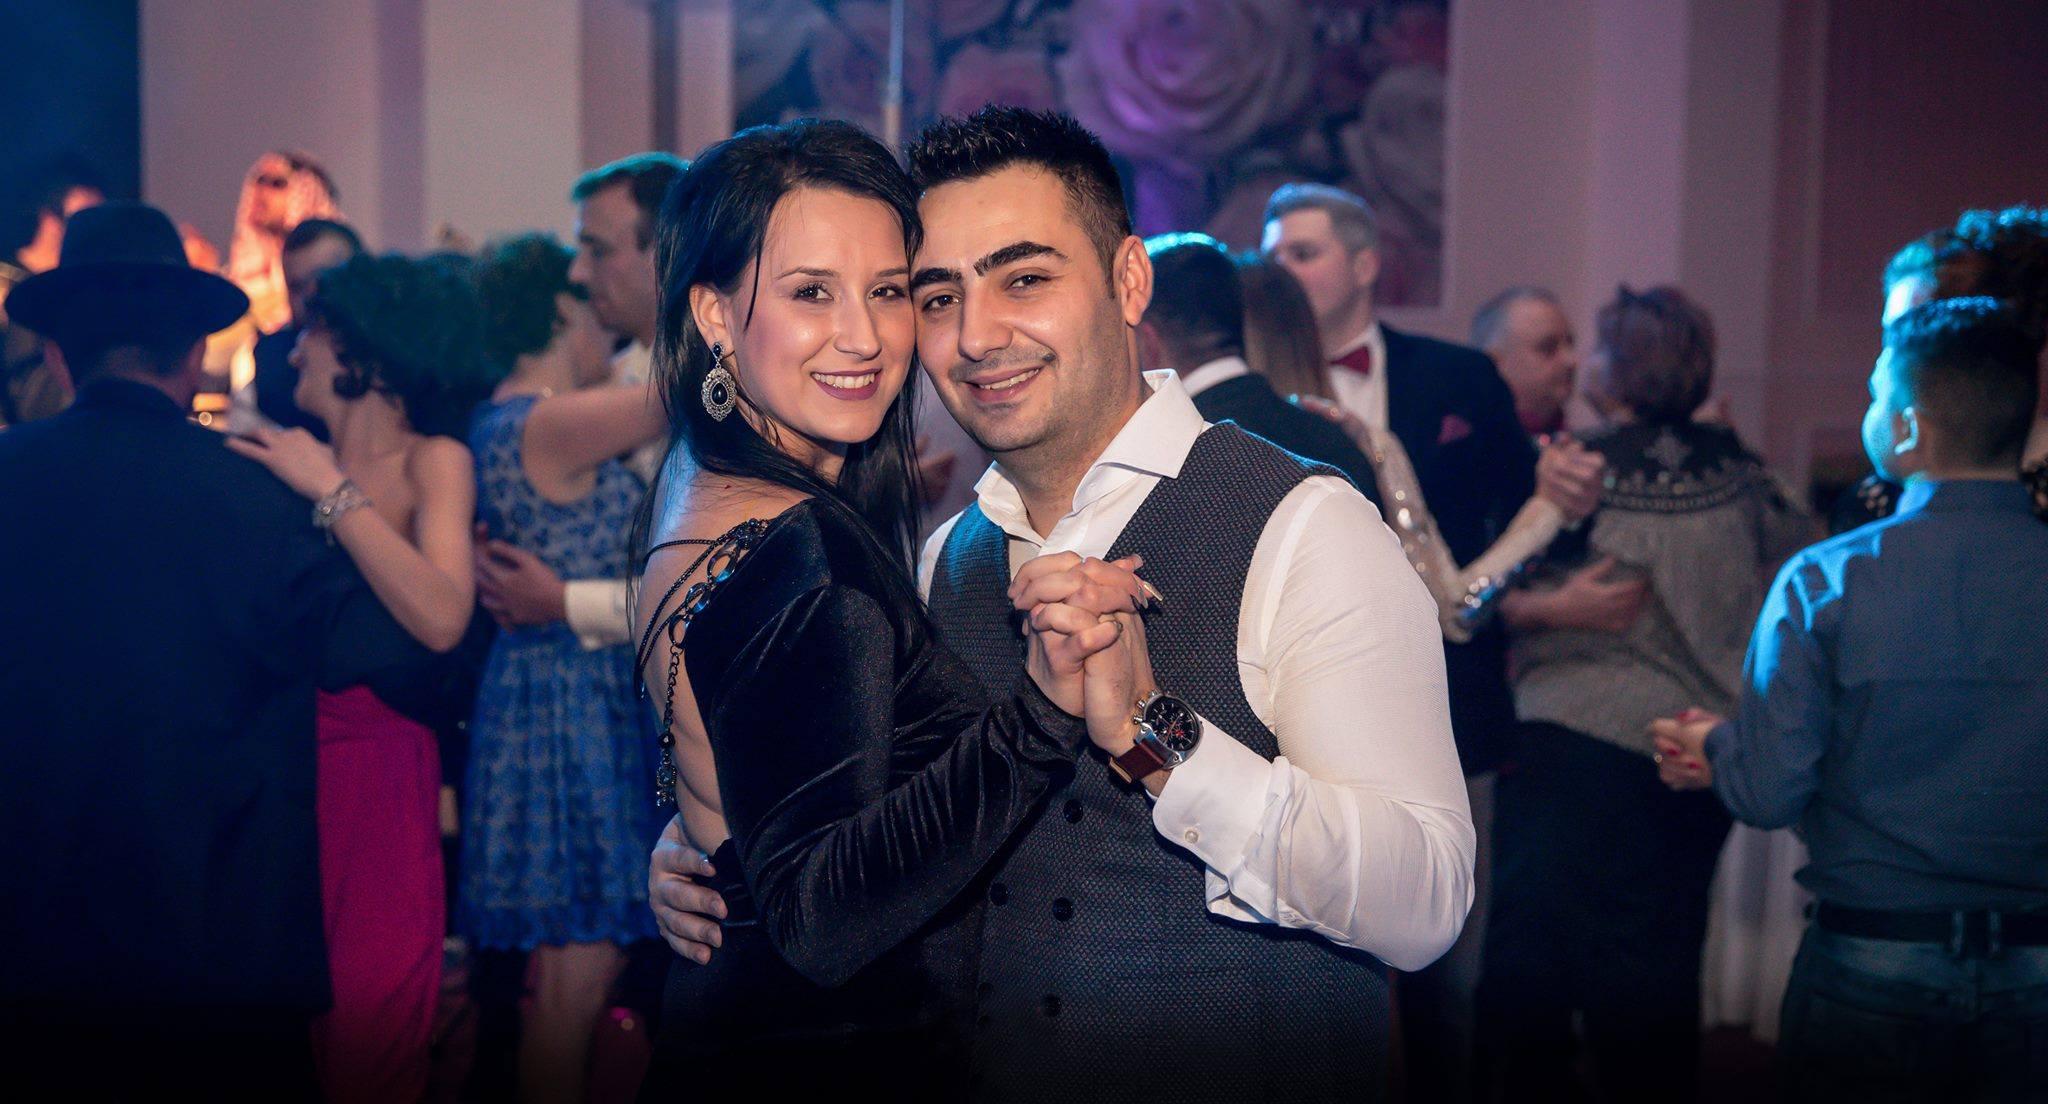 FotoTime - Cinematico - Claudiu si Oana Butculescu